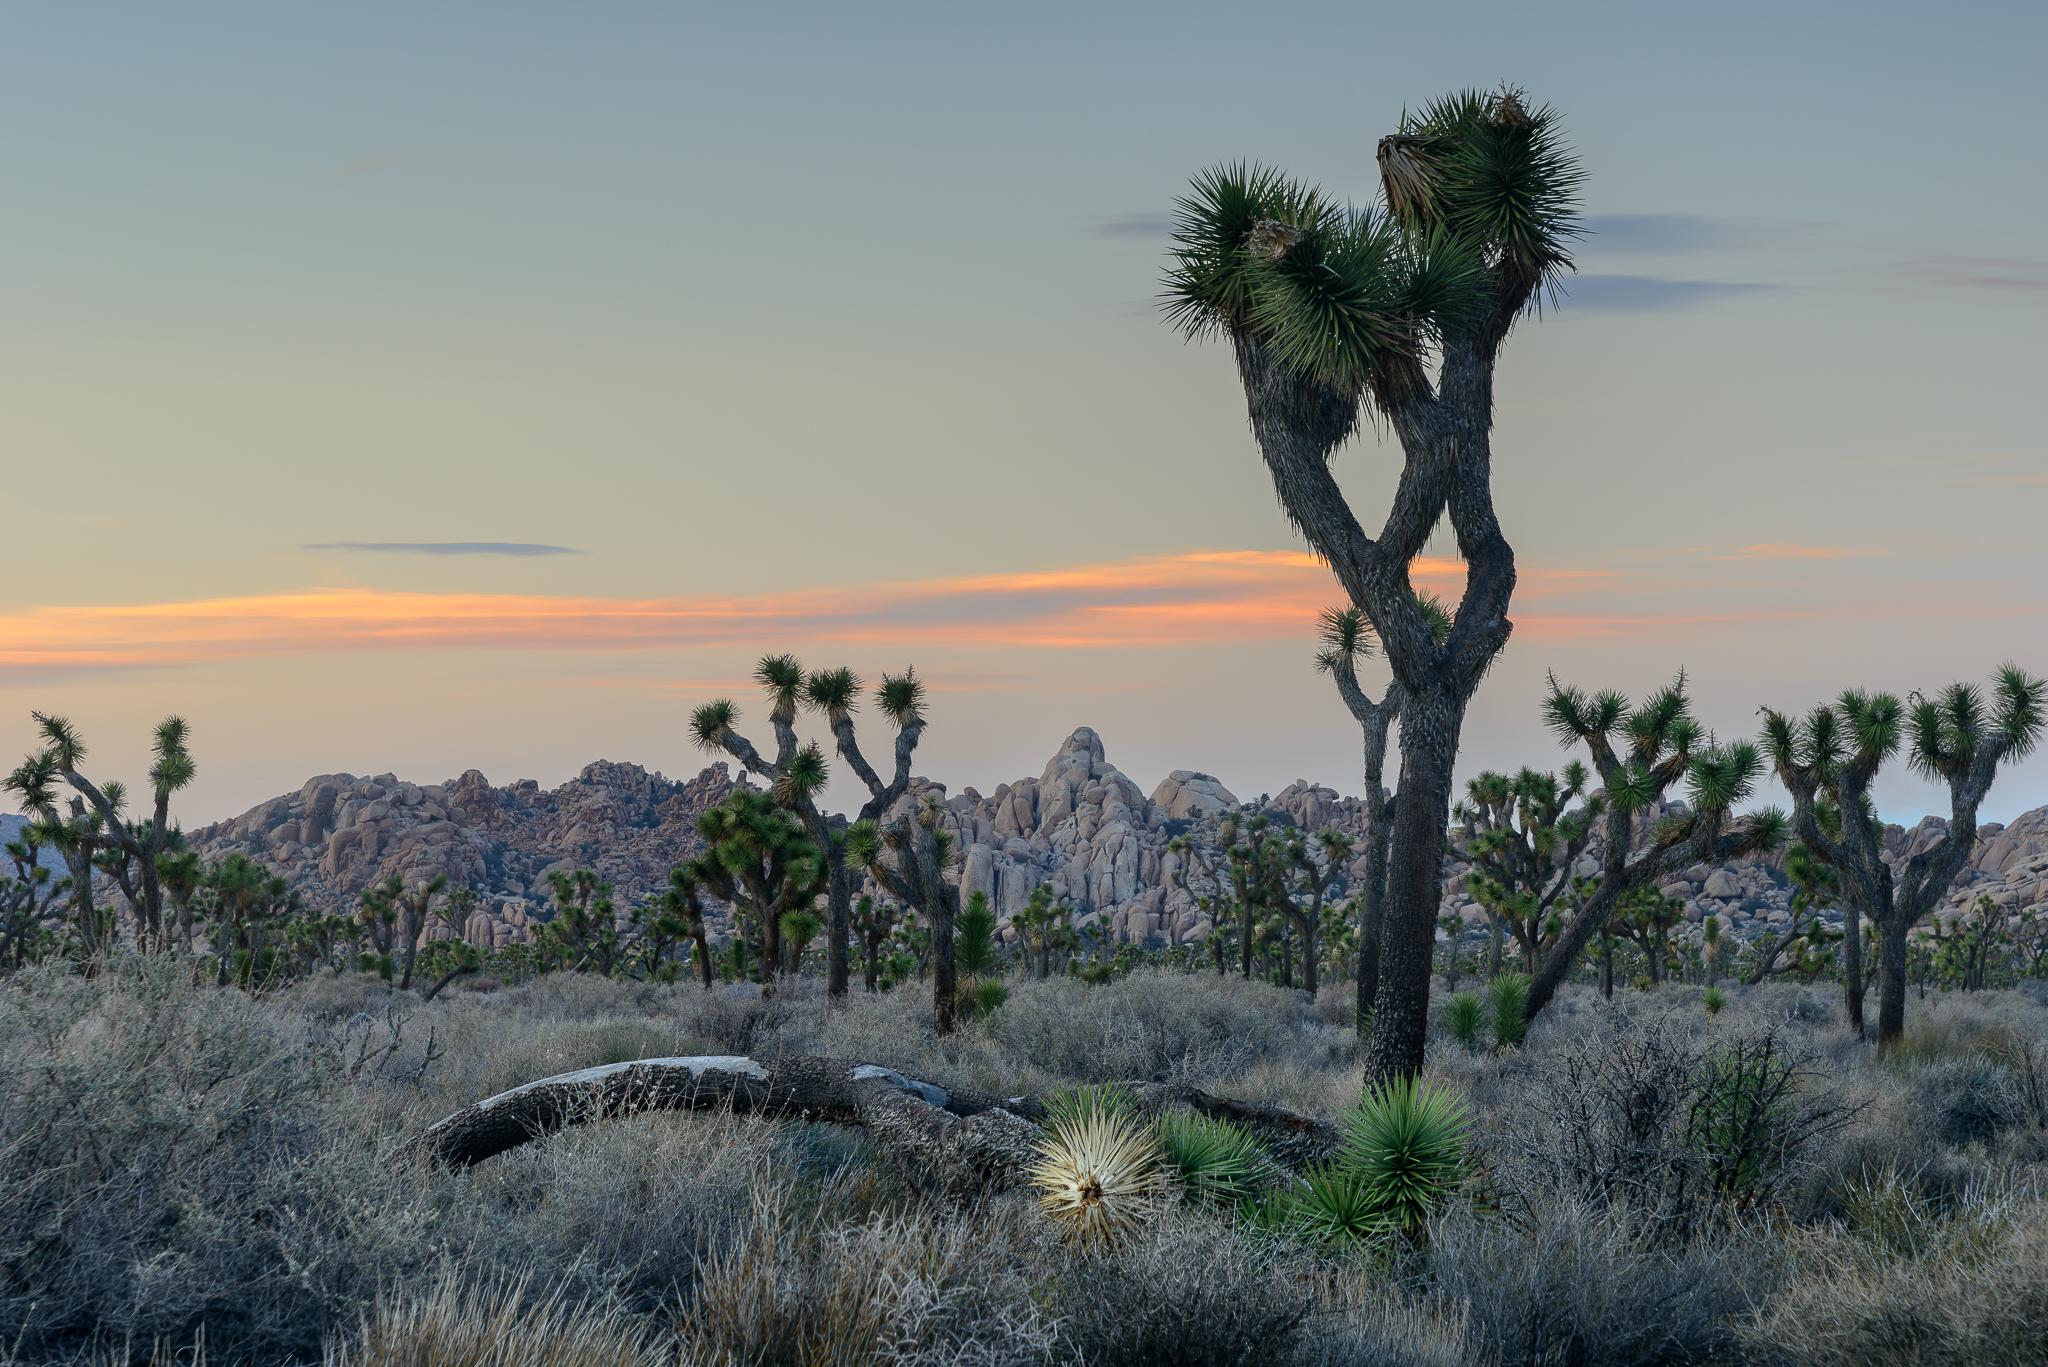 Joshua Tree National Park, CA.